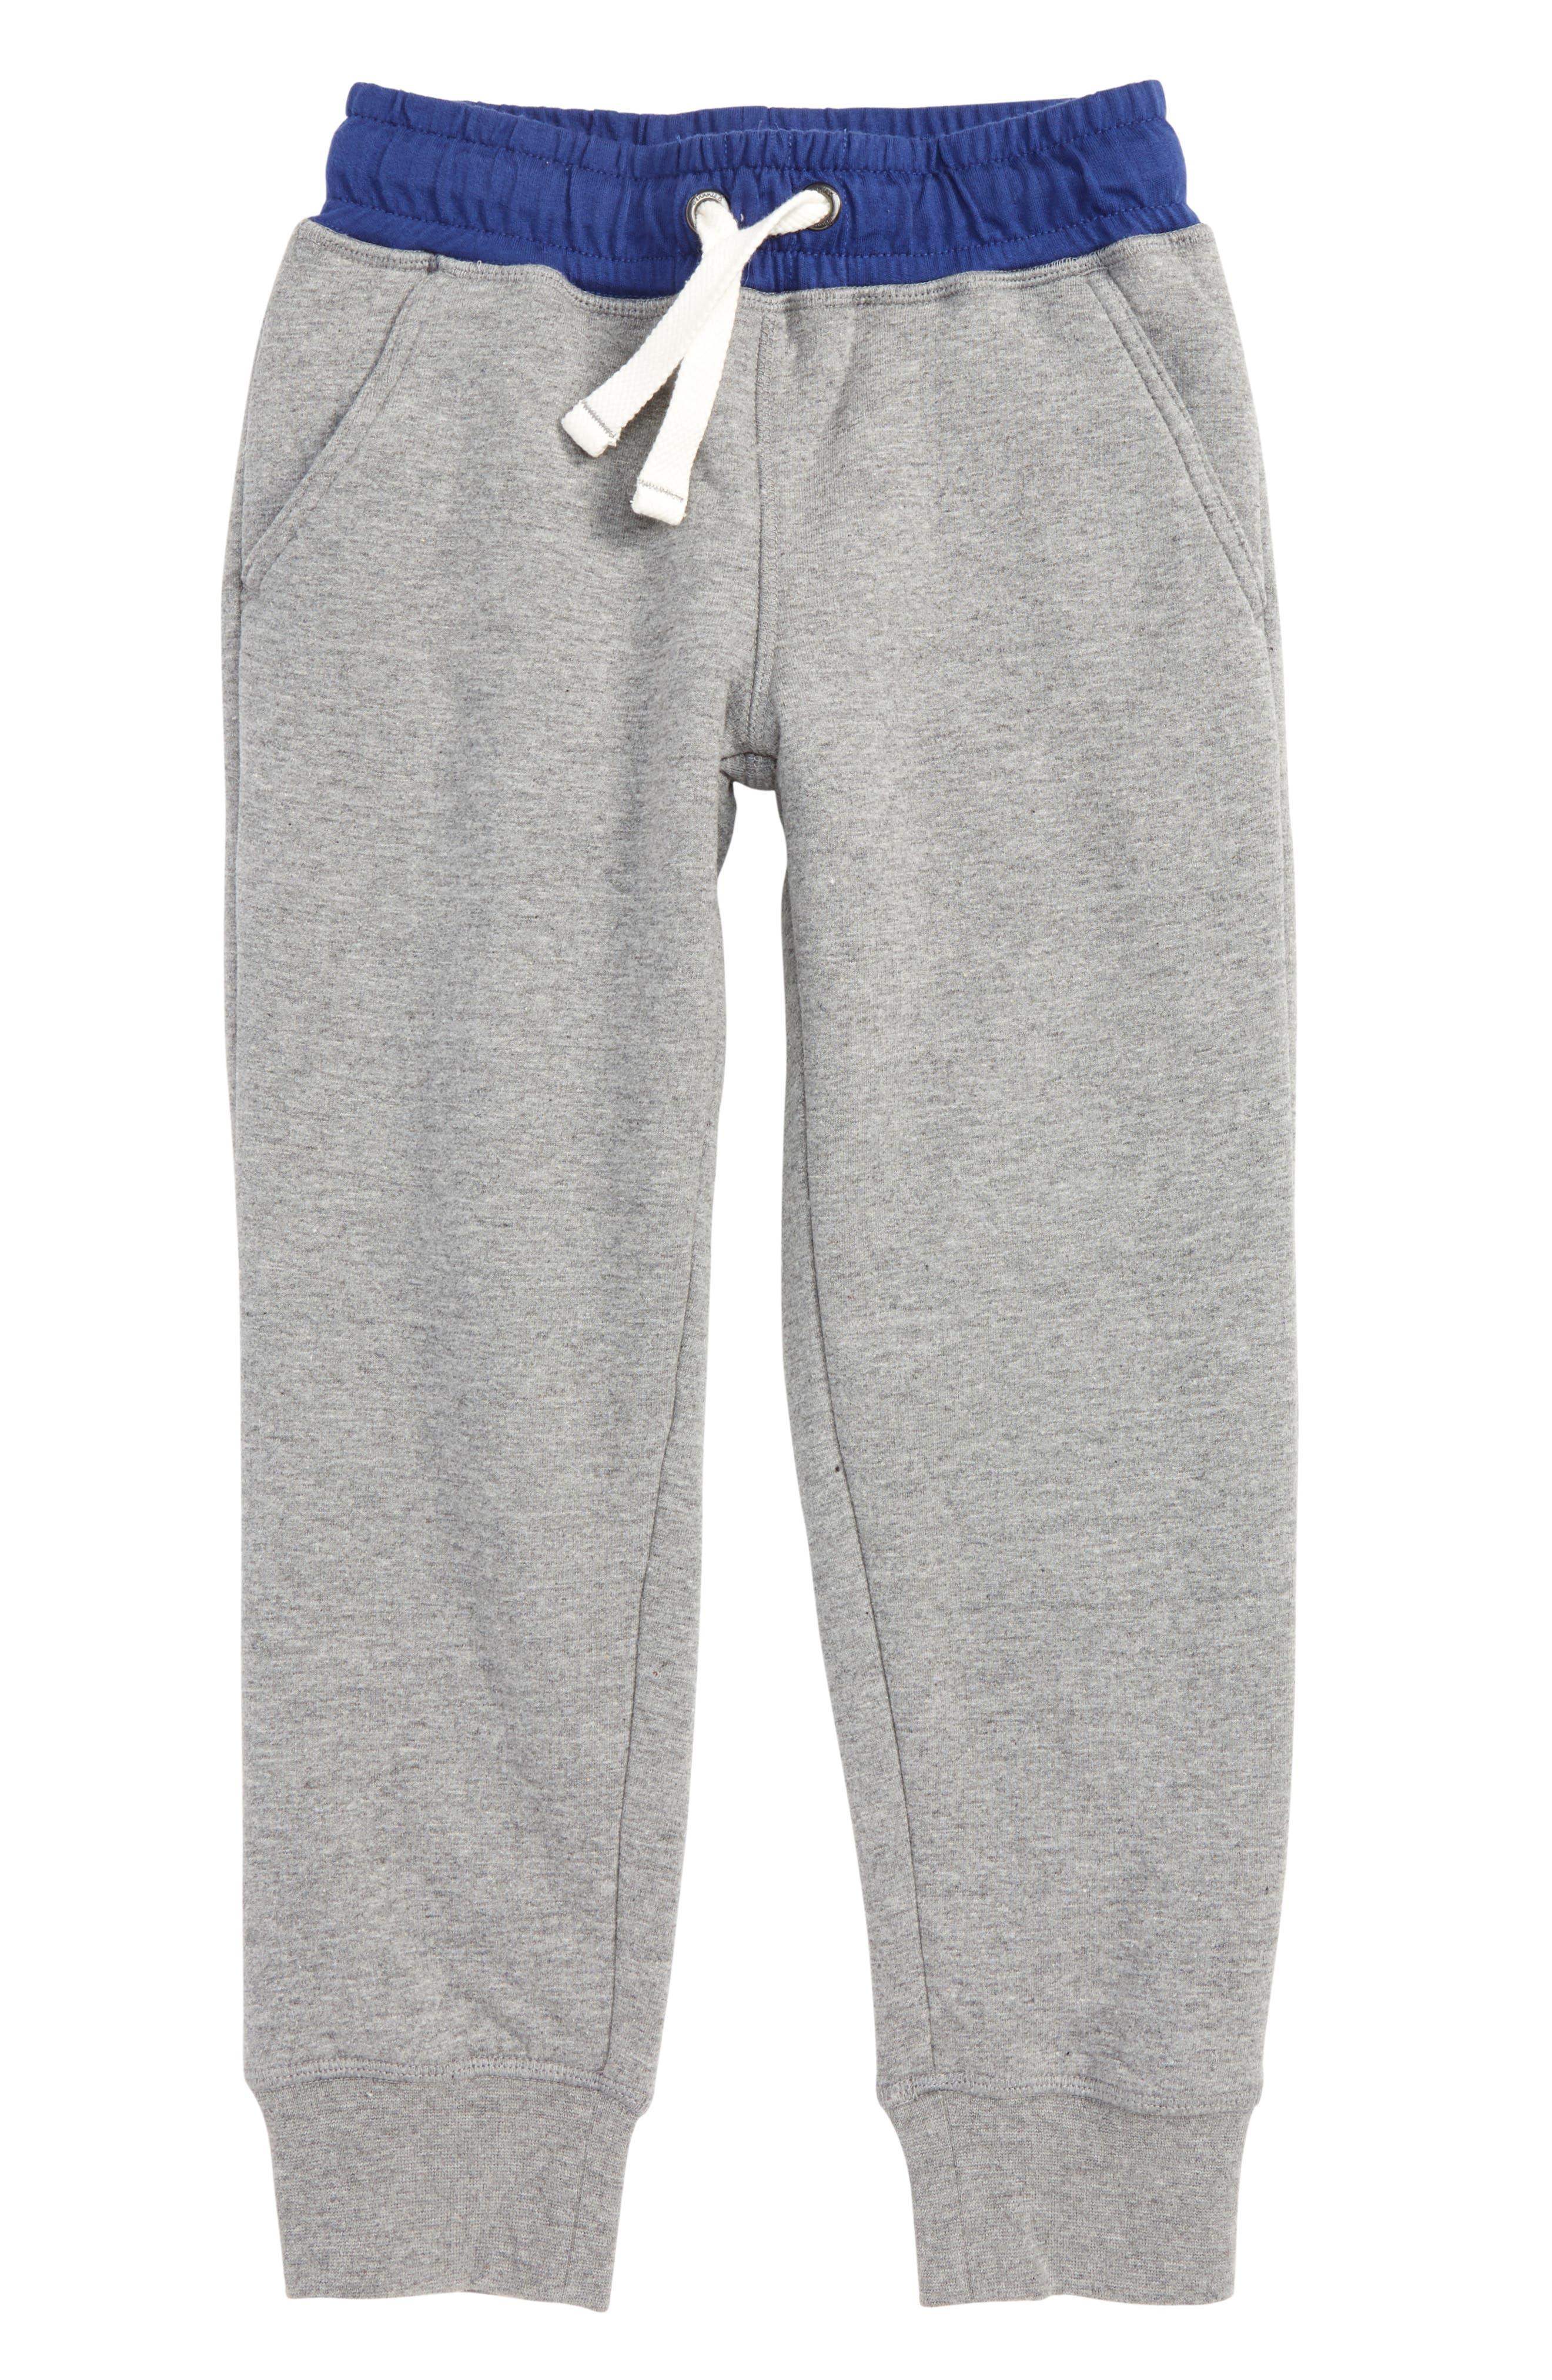 Shaggy Jogger Pants,                         Main,                         color, Grey Marl